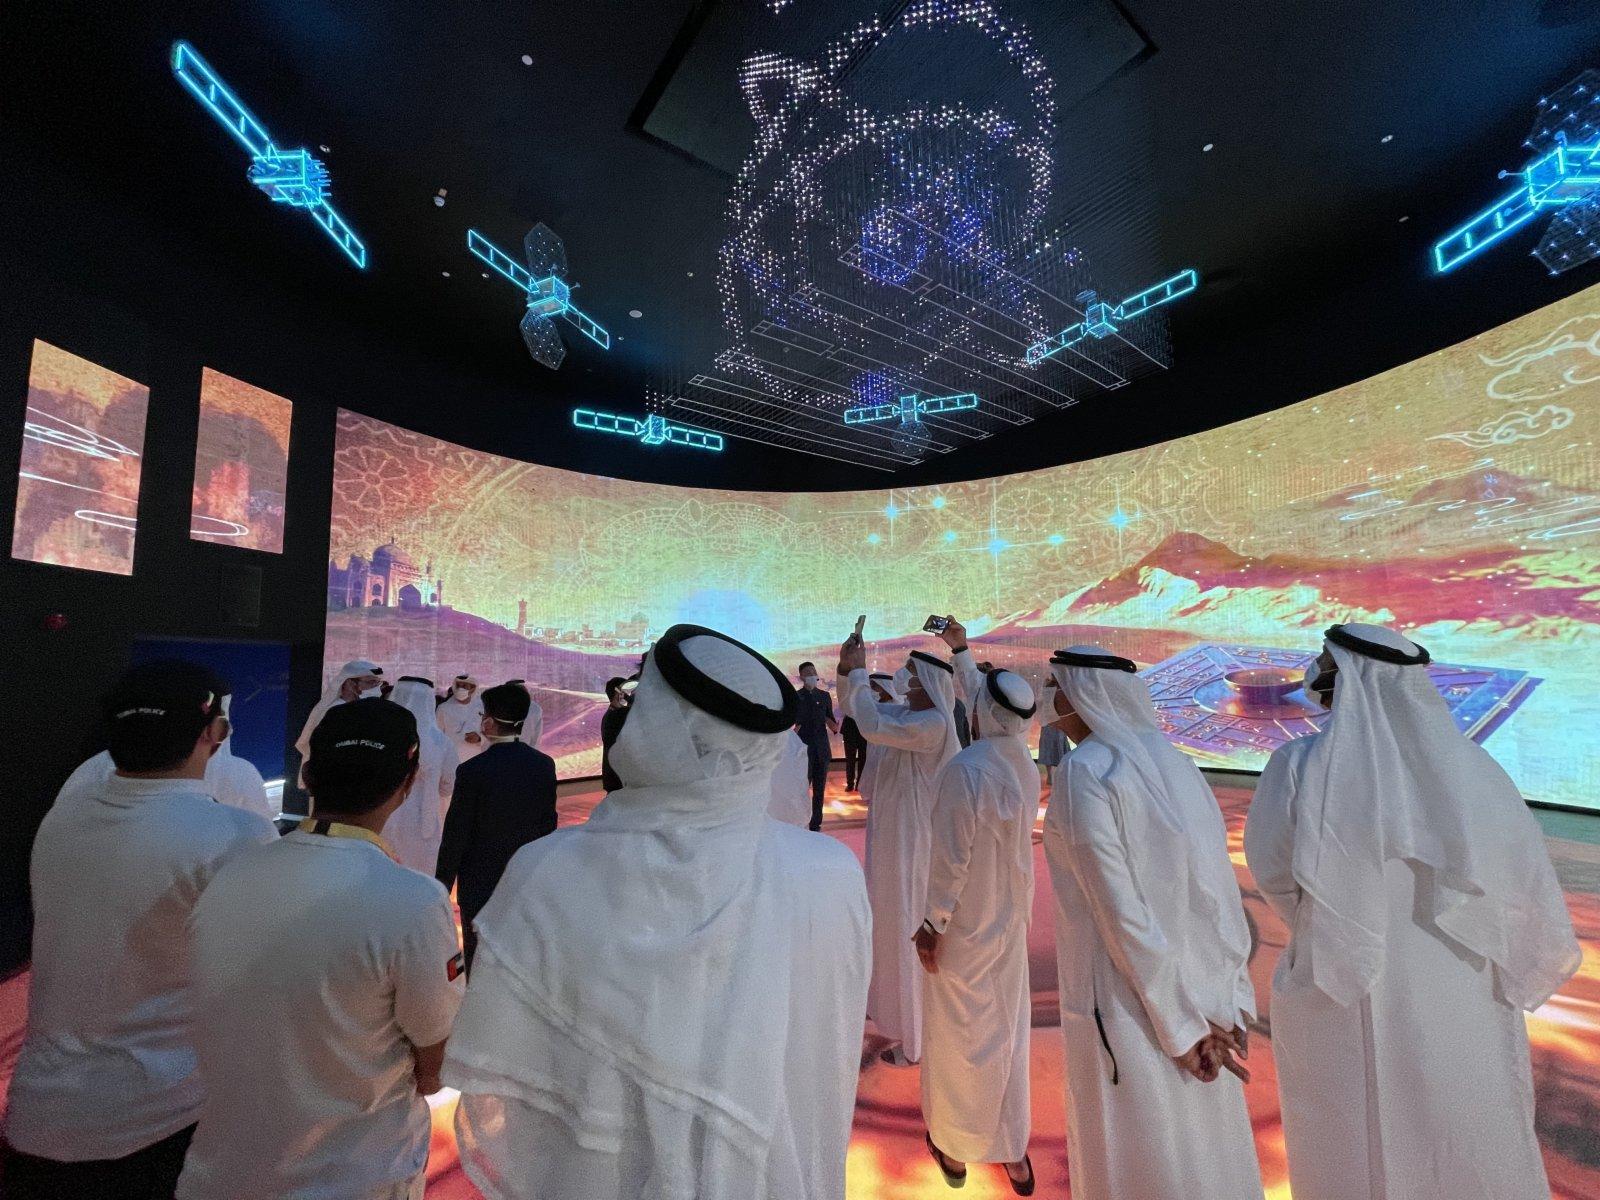 10月1日,在阿拉伯聯合酋長國迪拜,參觀者在世博會中國館觀看航天科技板塊的展覽。(新華社)